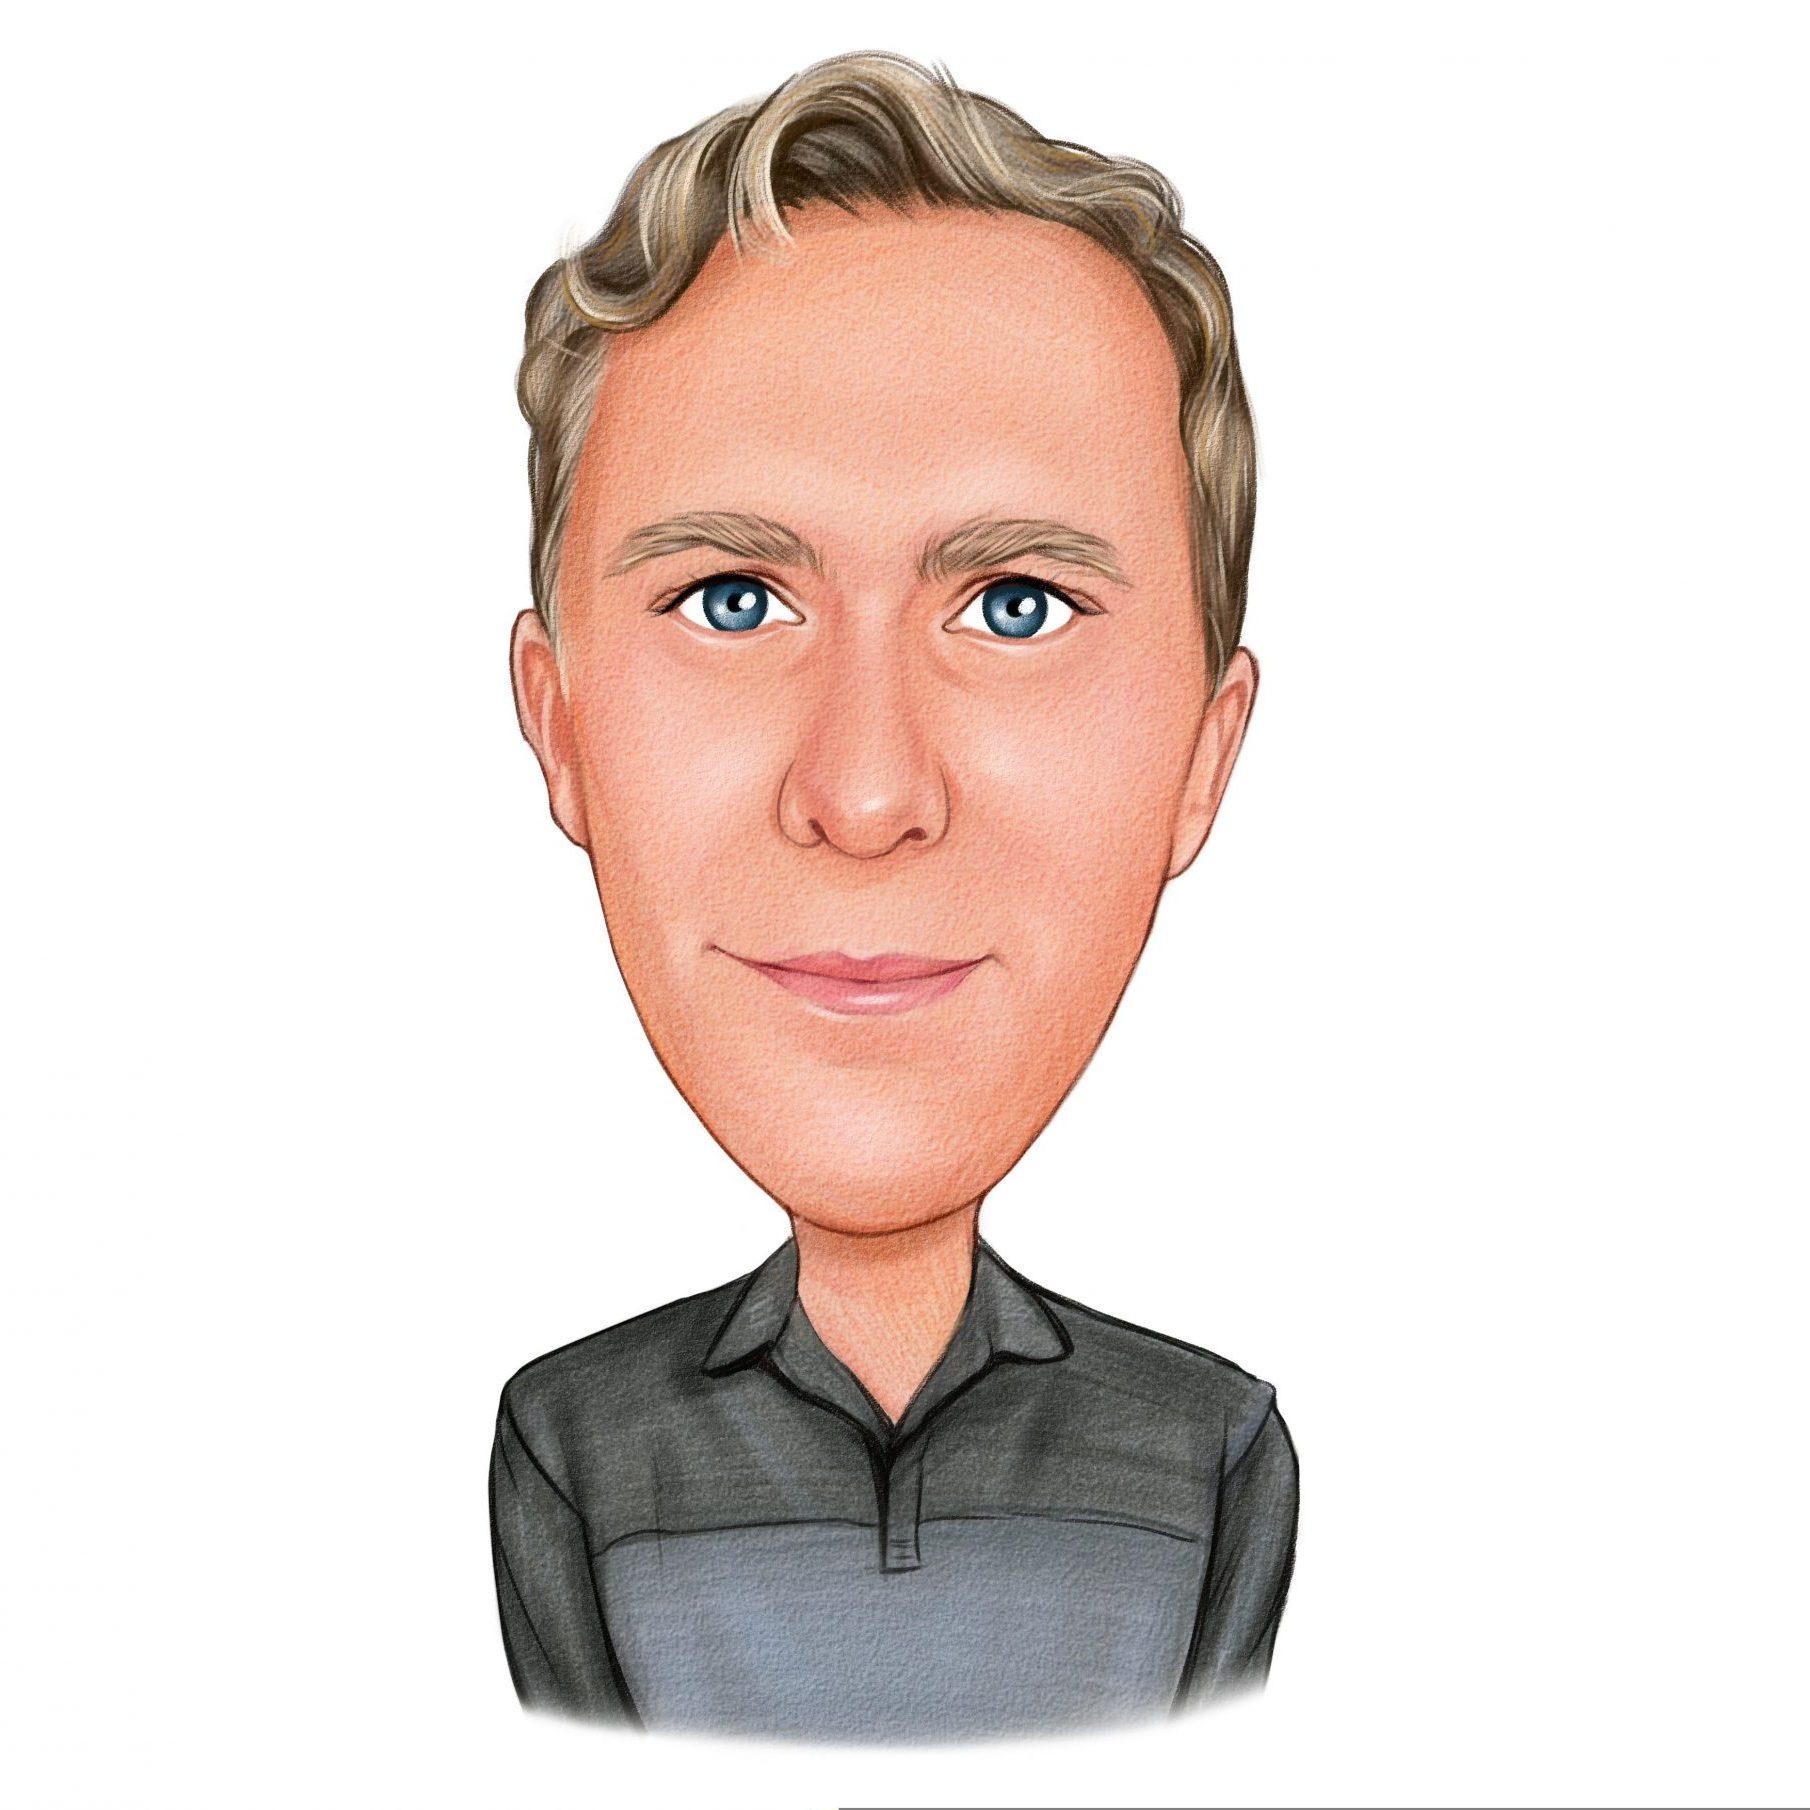 Adrian_caricature